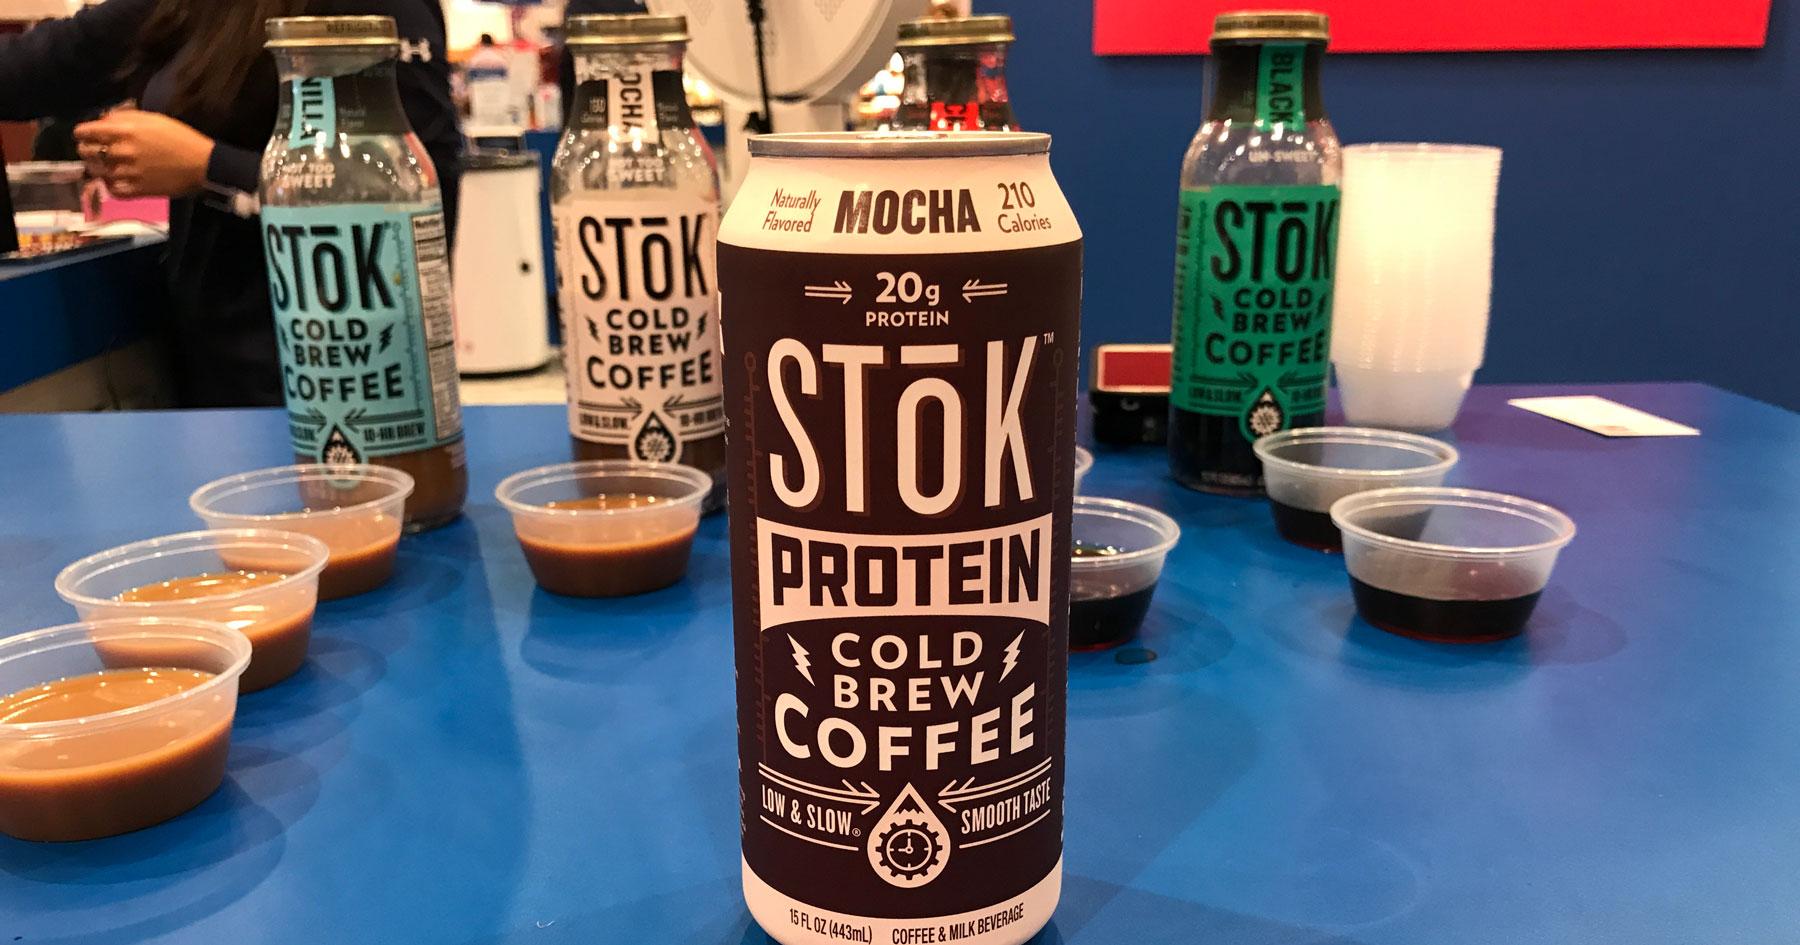 stok protein